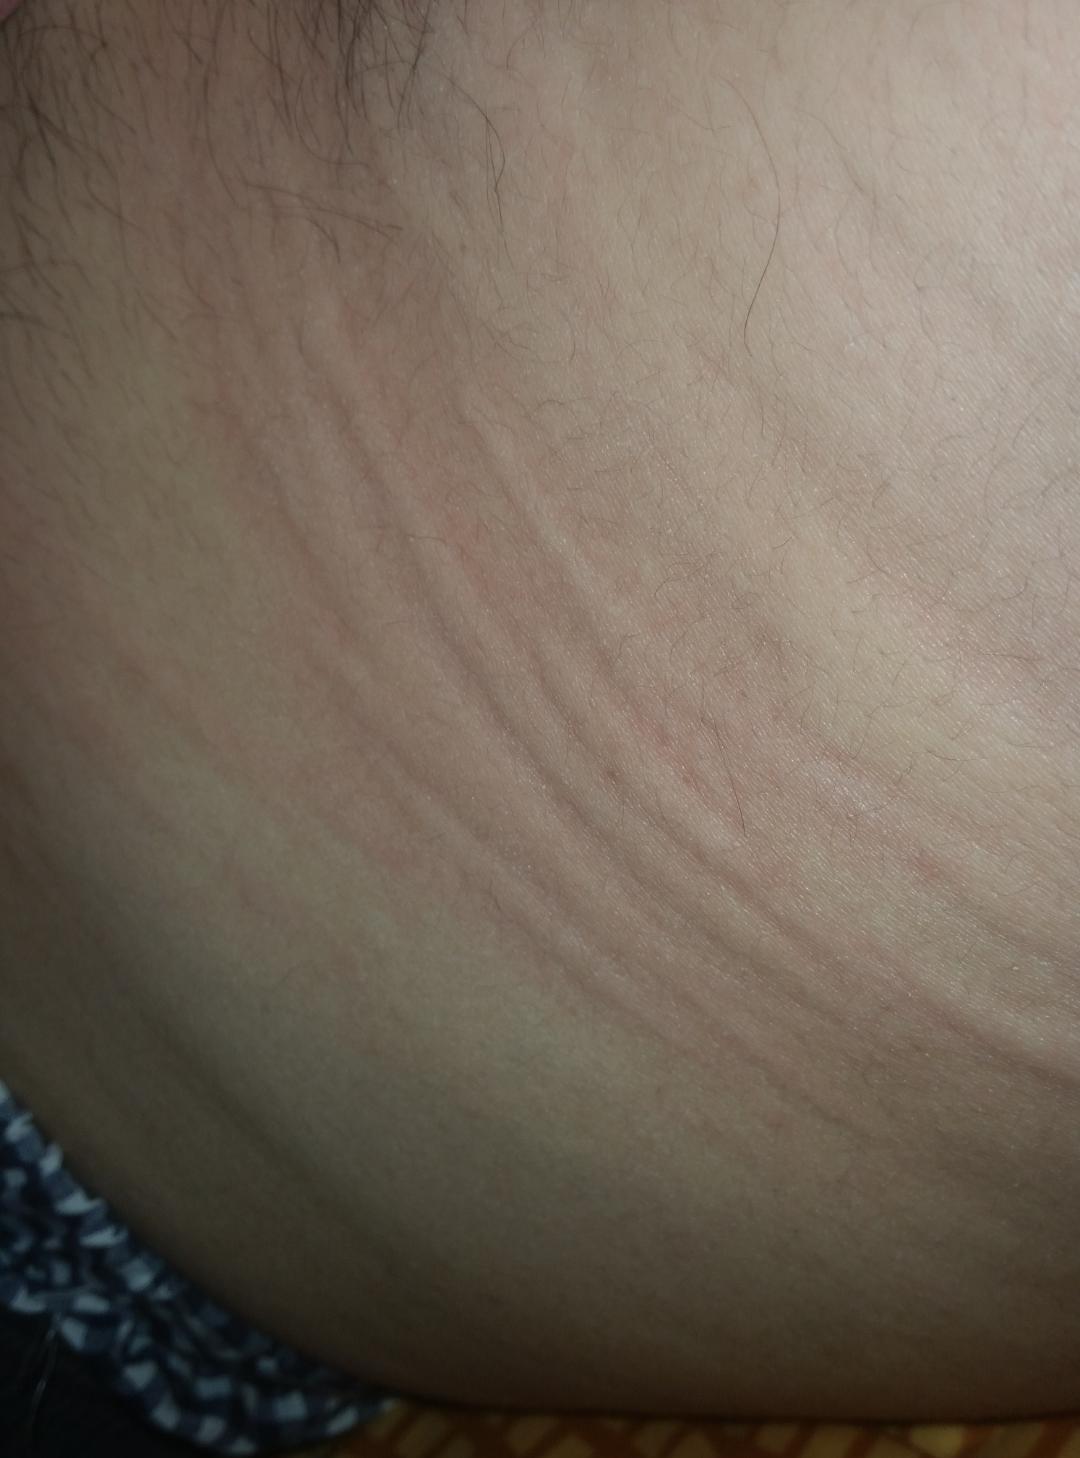 Nach der Operation der Hämorrhoide des Problems mit dem Stuhl